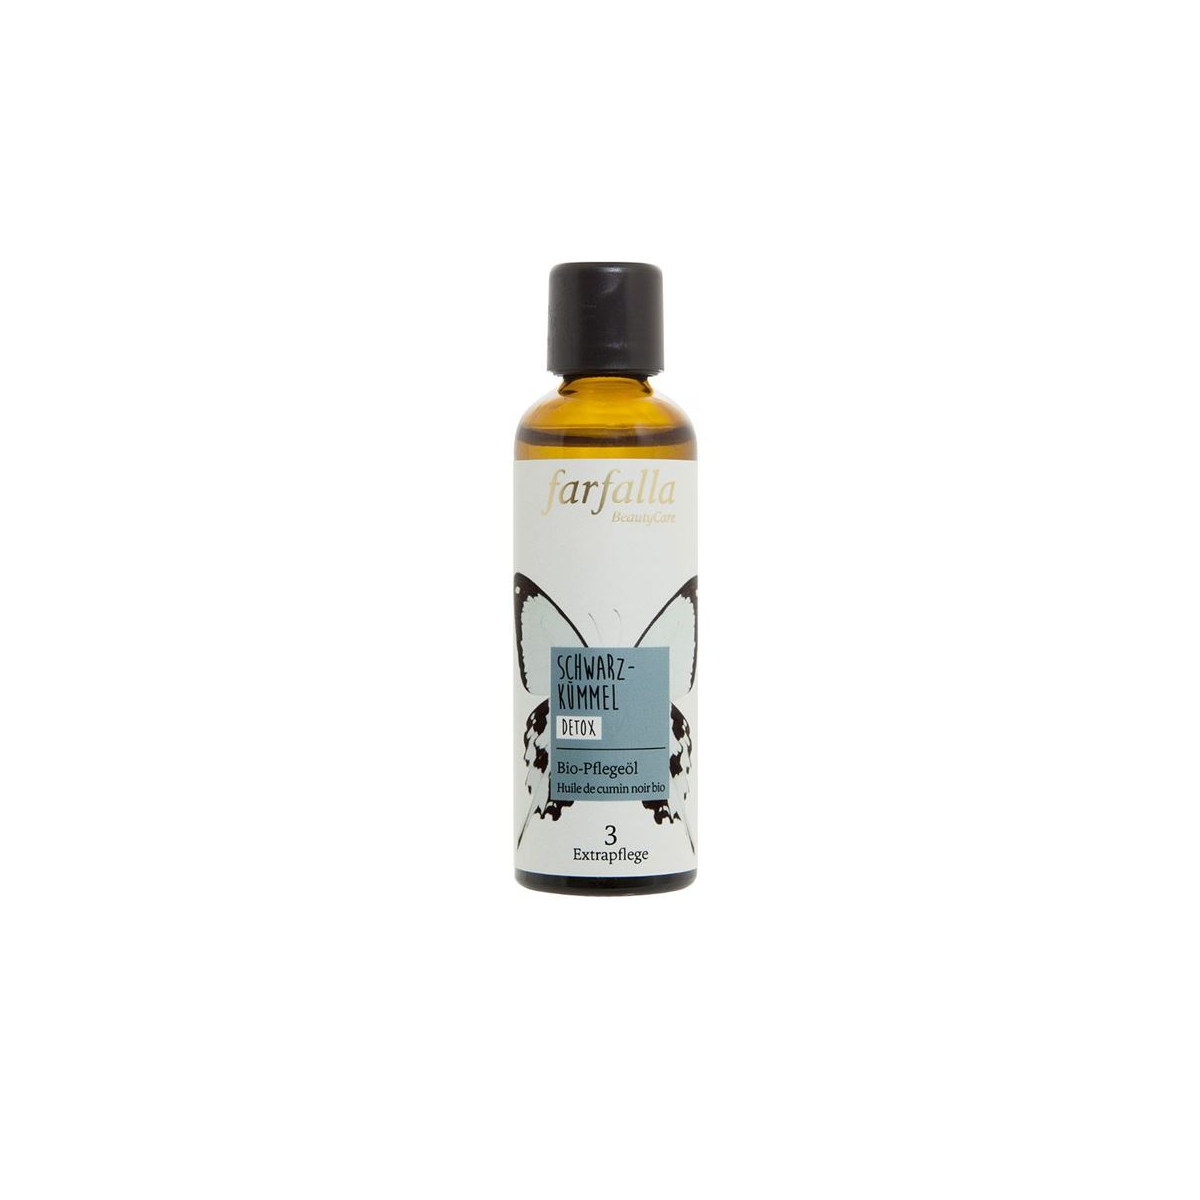 Bio-Schwarzkümmelöl Flasche 75 ml/Glas Einweg - Farfalla